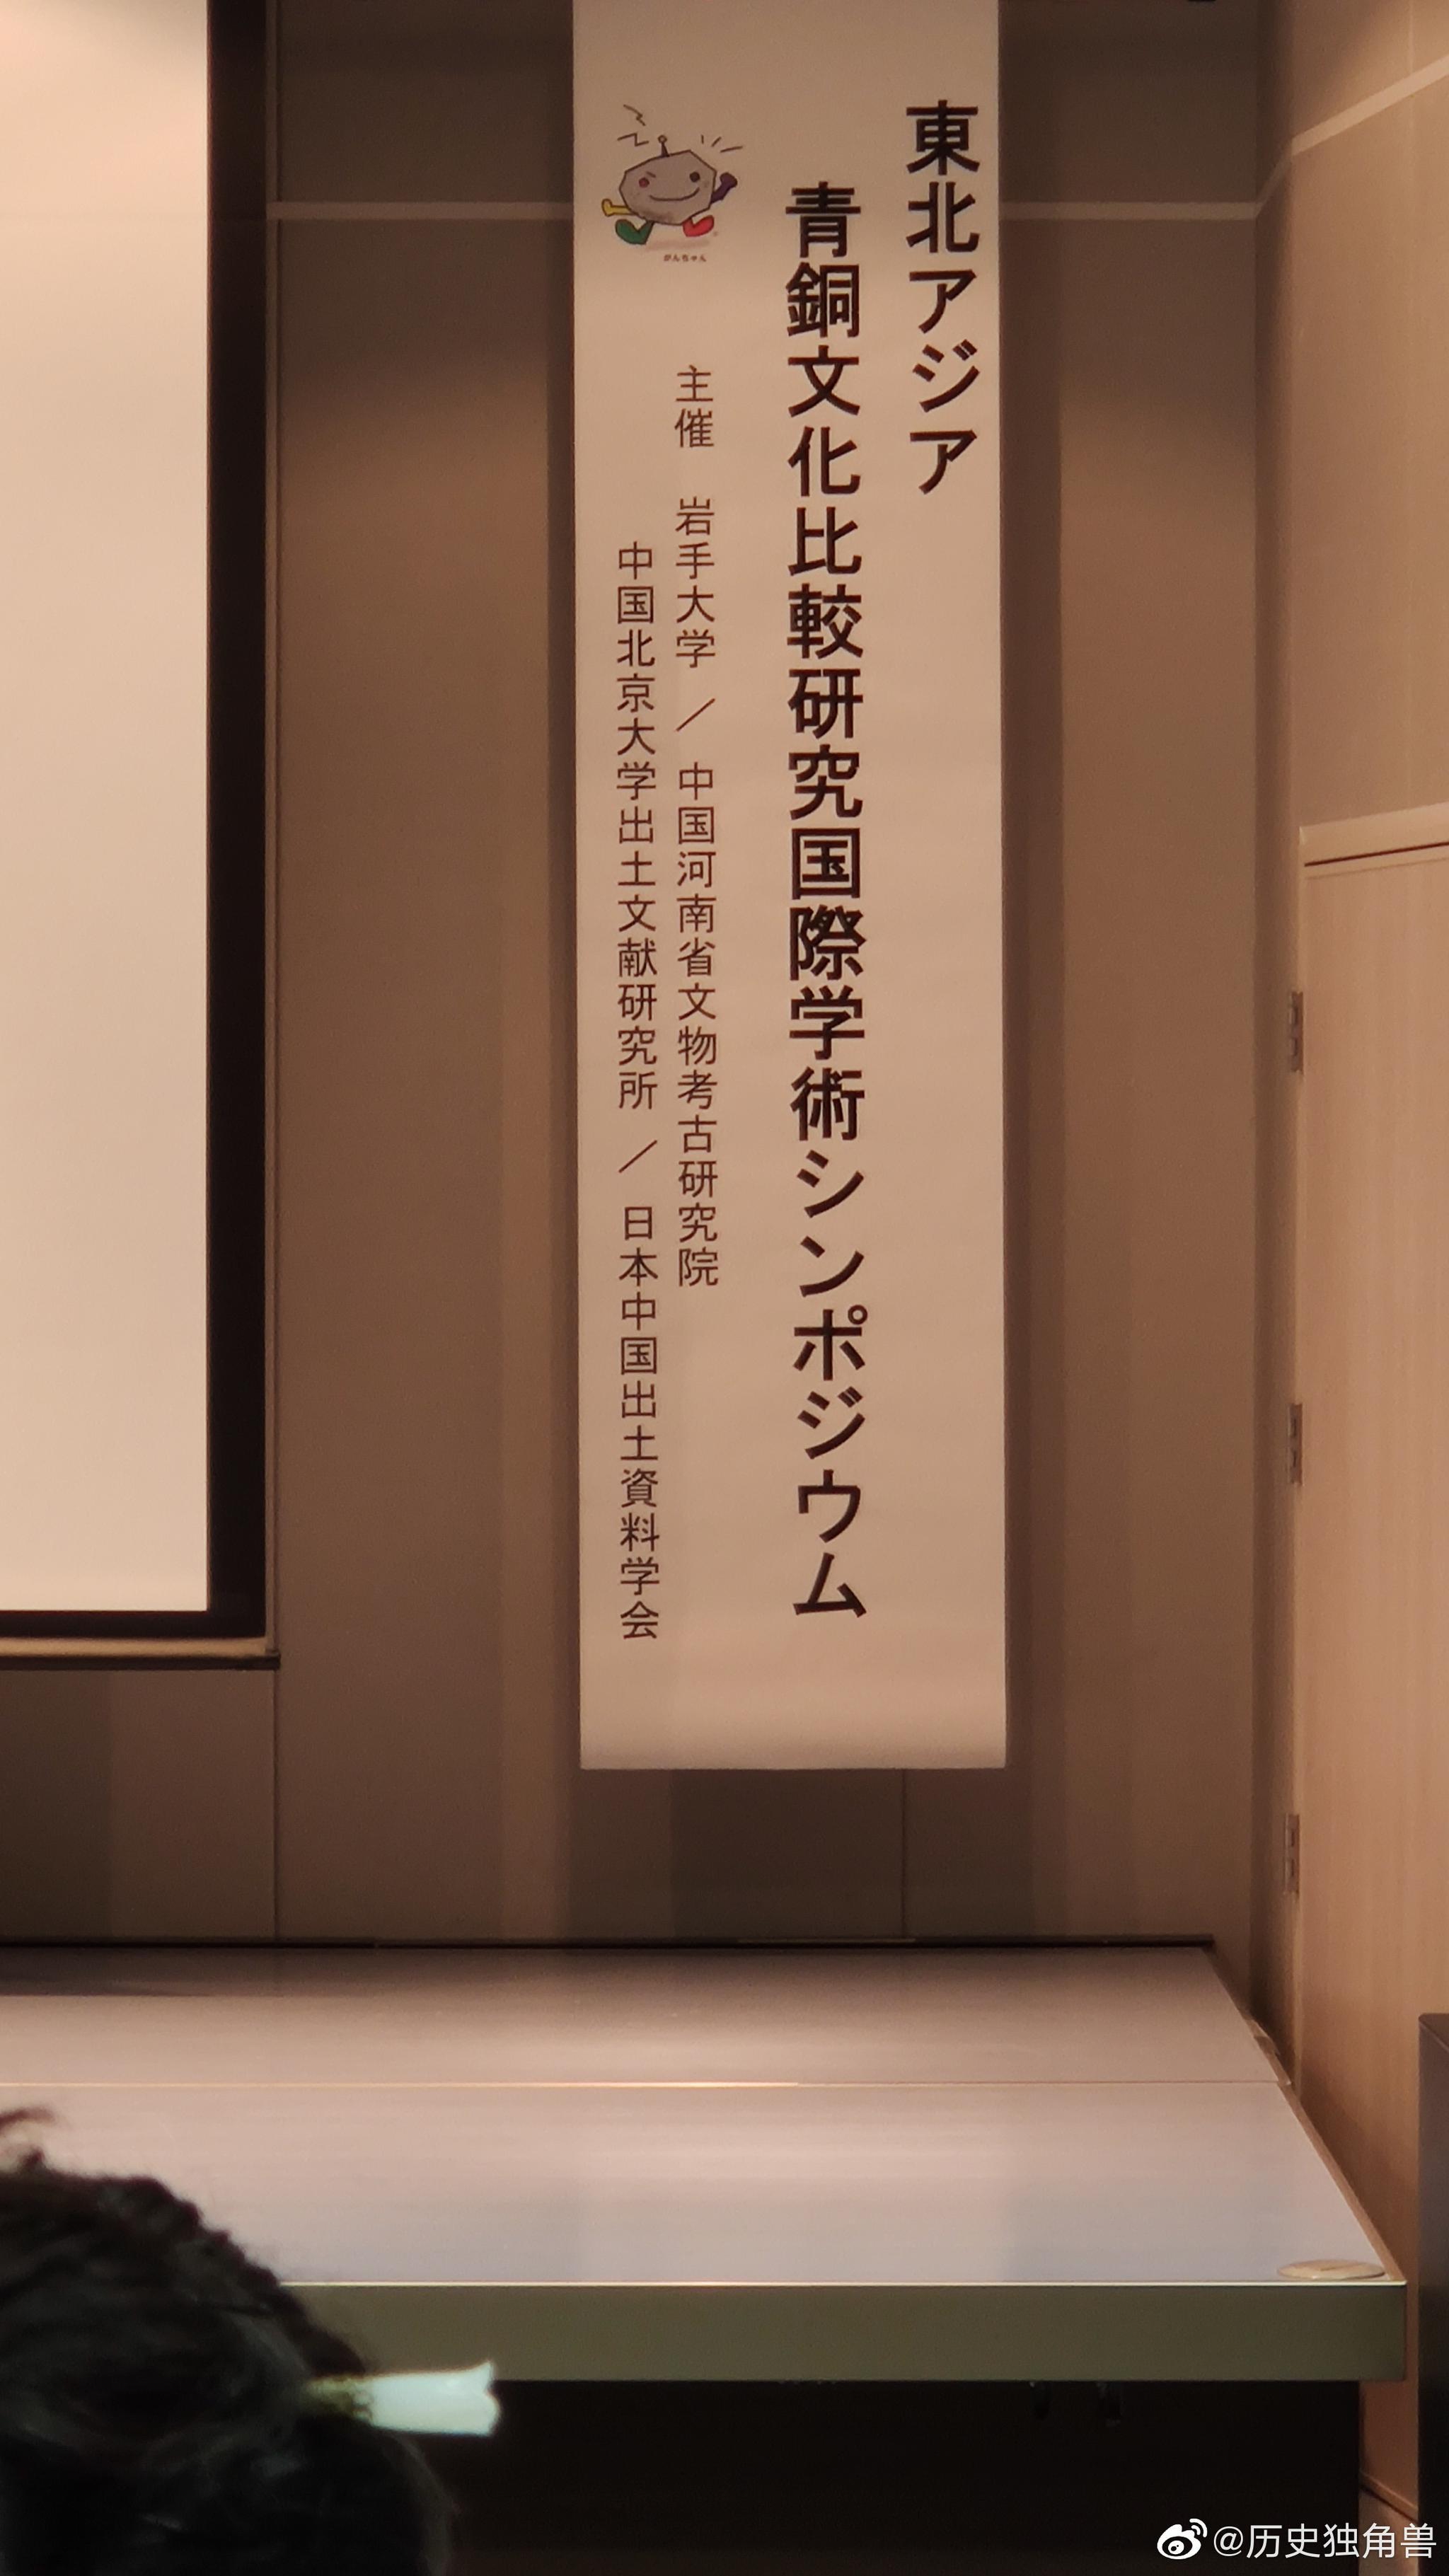 兽君又一次参加学术研讨会——东北亚青铜文化比较研究国际研讨会